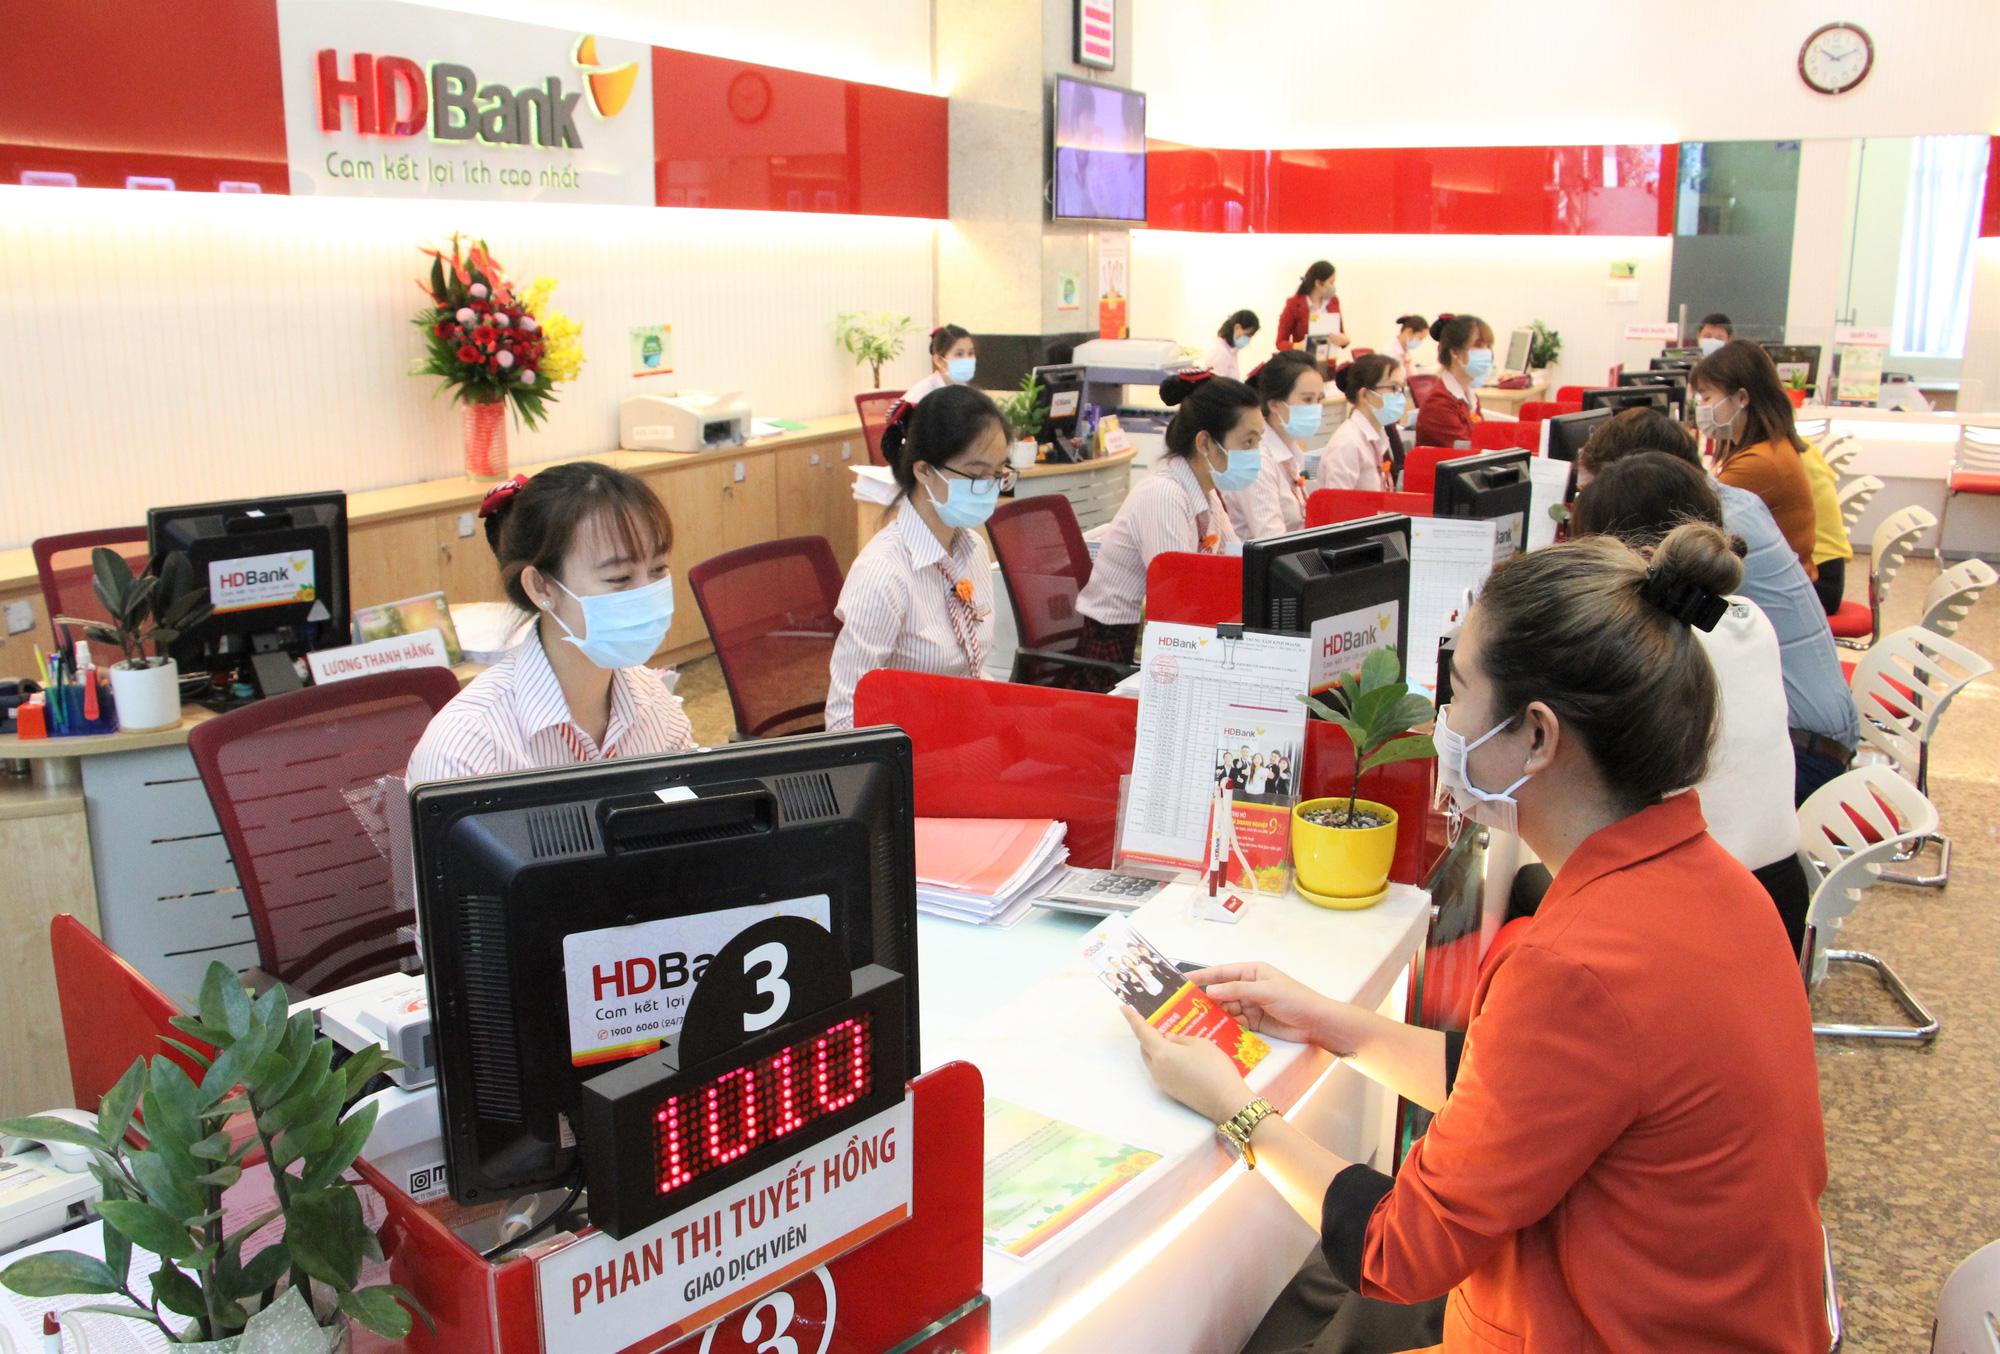 Lãi suất ngân hàng HDBank tháng 12/2020 mới nhất - Ảnh 1.